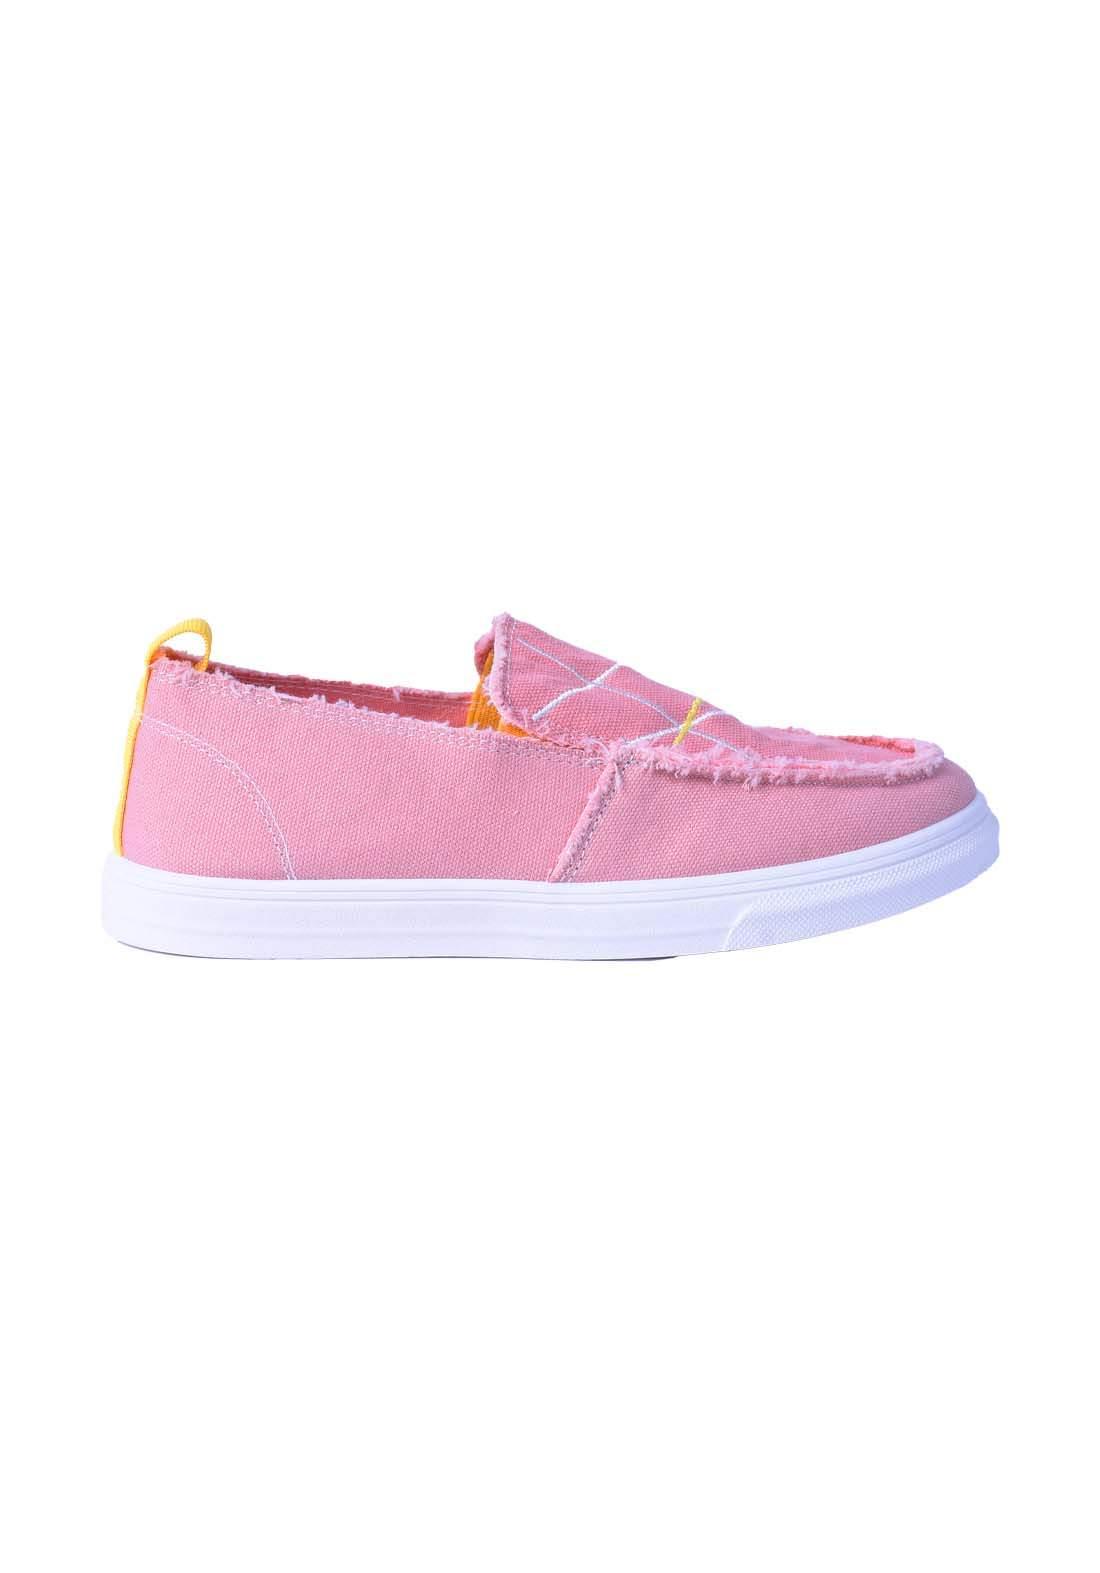 حذاء نسائي قماش وردي اللون